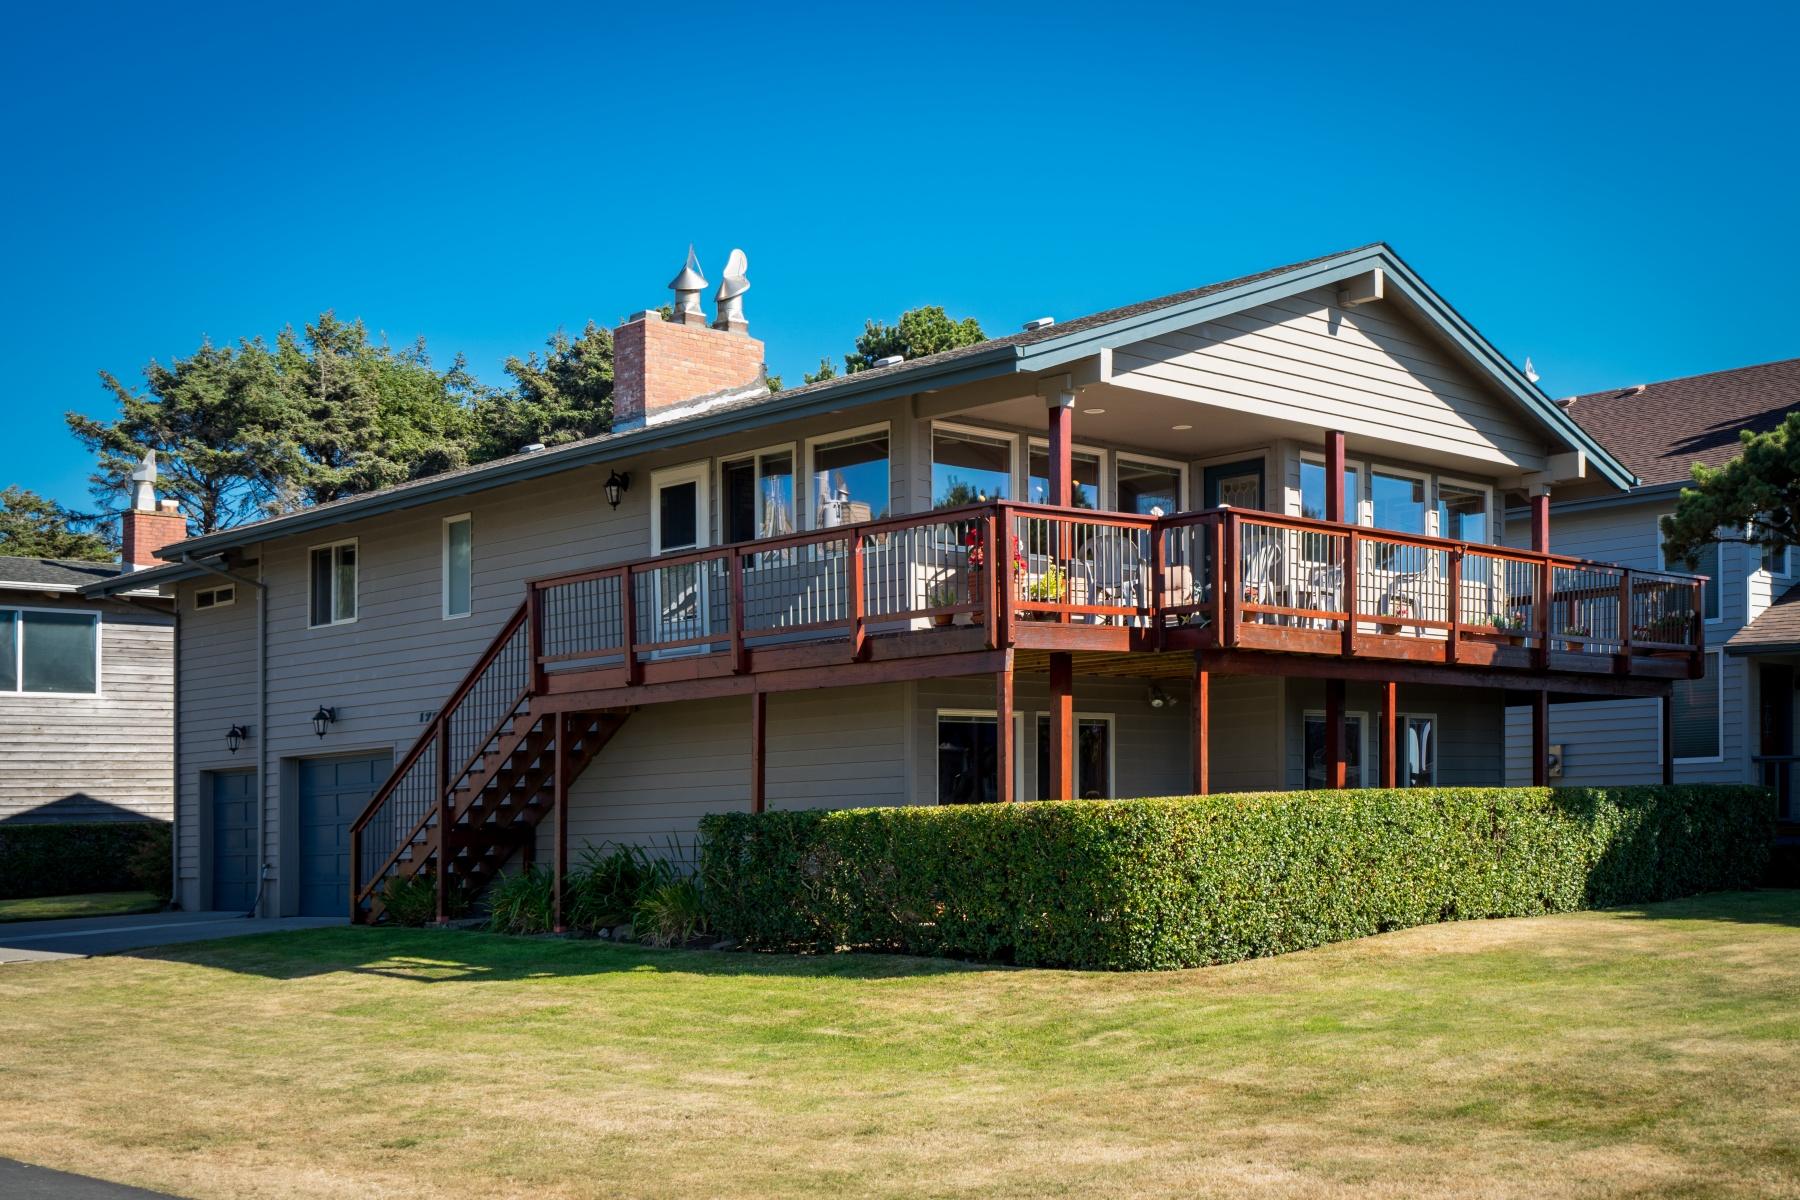 Nhà ở một gia đình vì Bán tại 179 W W Susitna ST, CANNON BEACH, OR Cannon Beach, Oregon, 97110 Hoa Kỳ